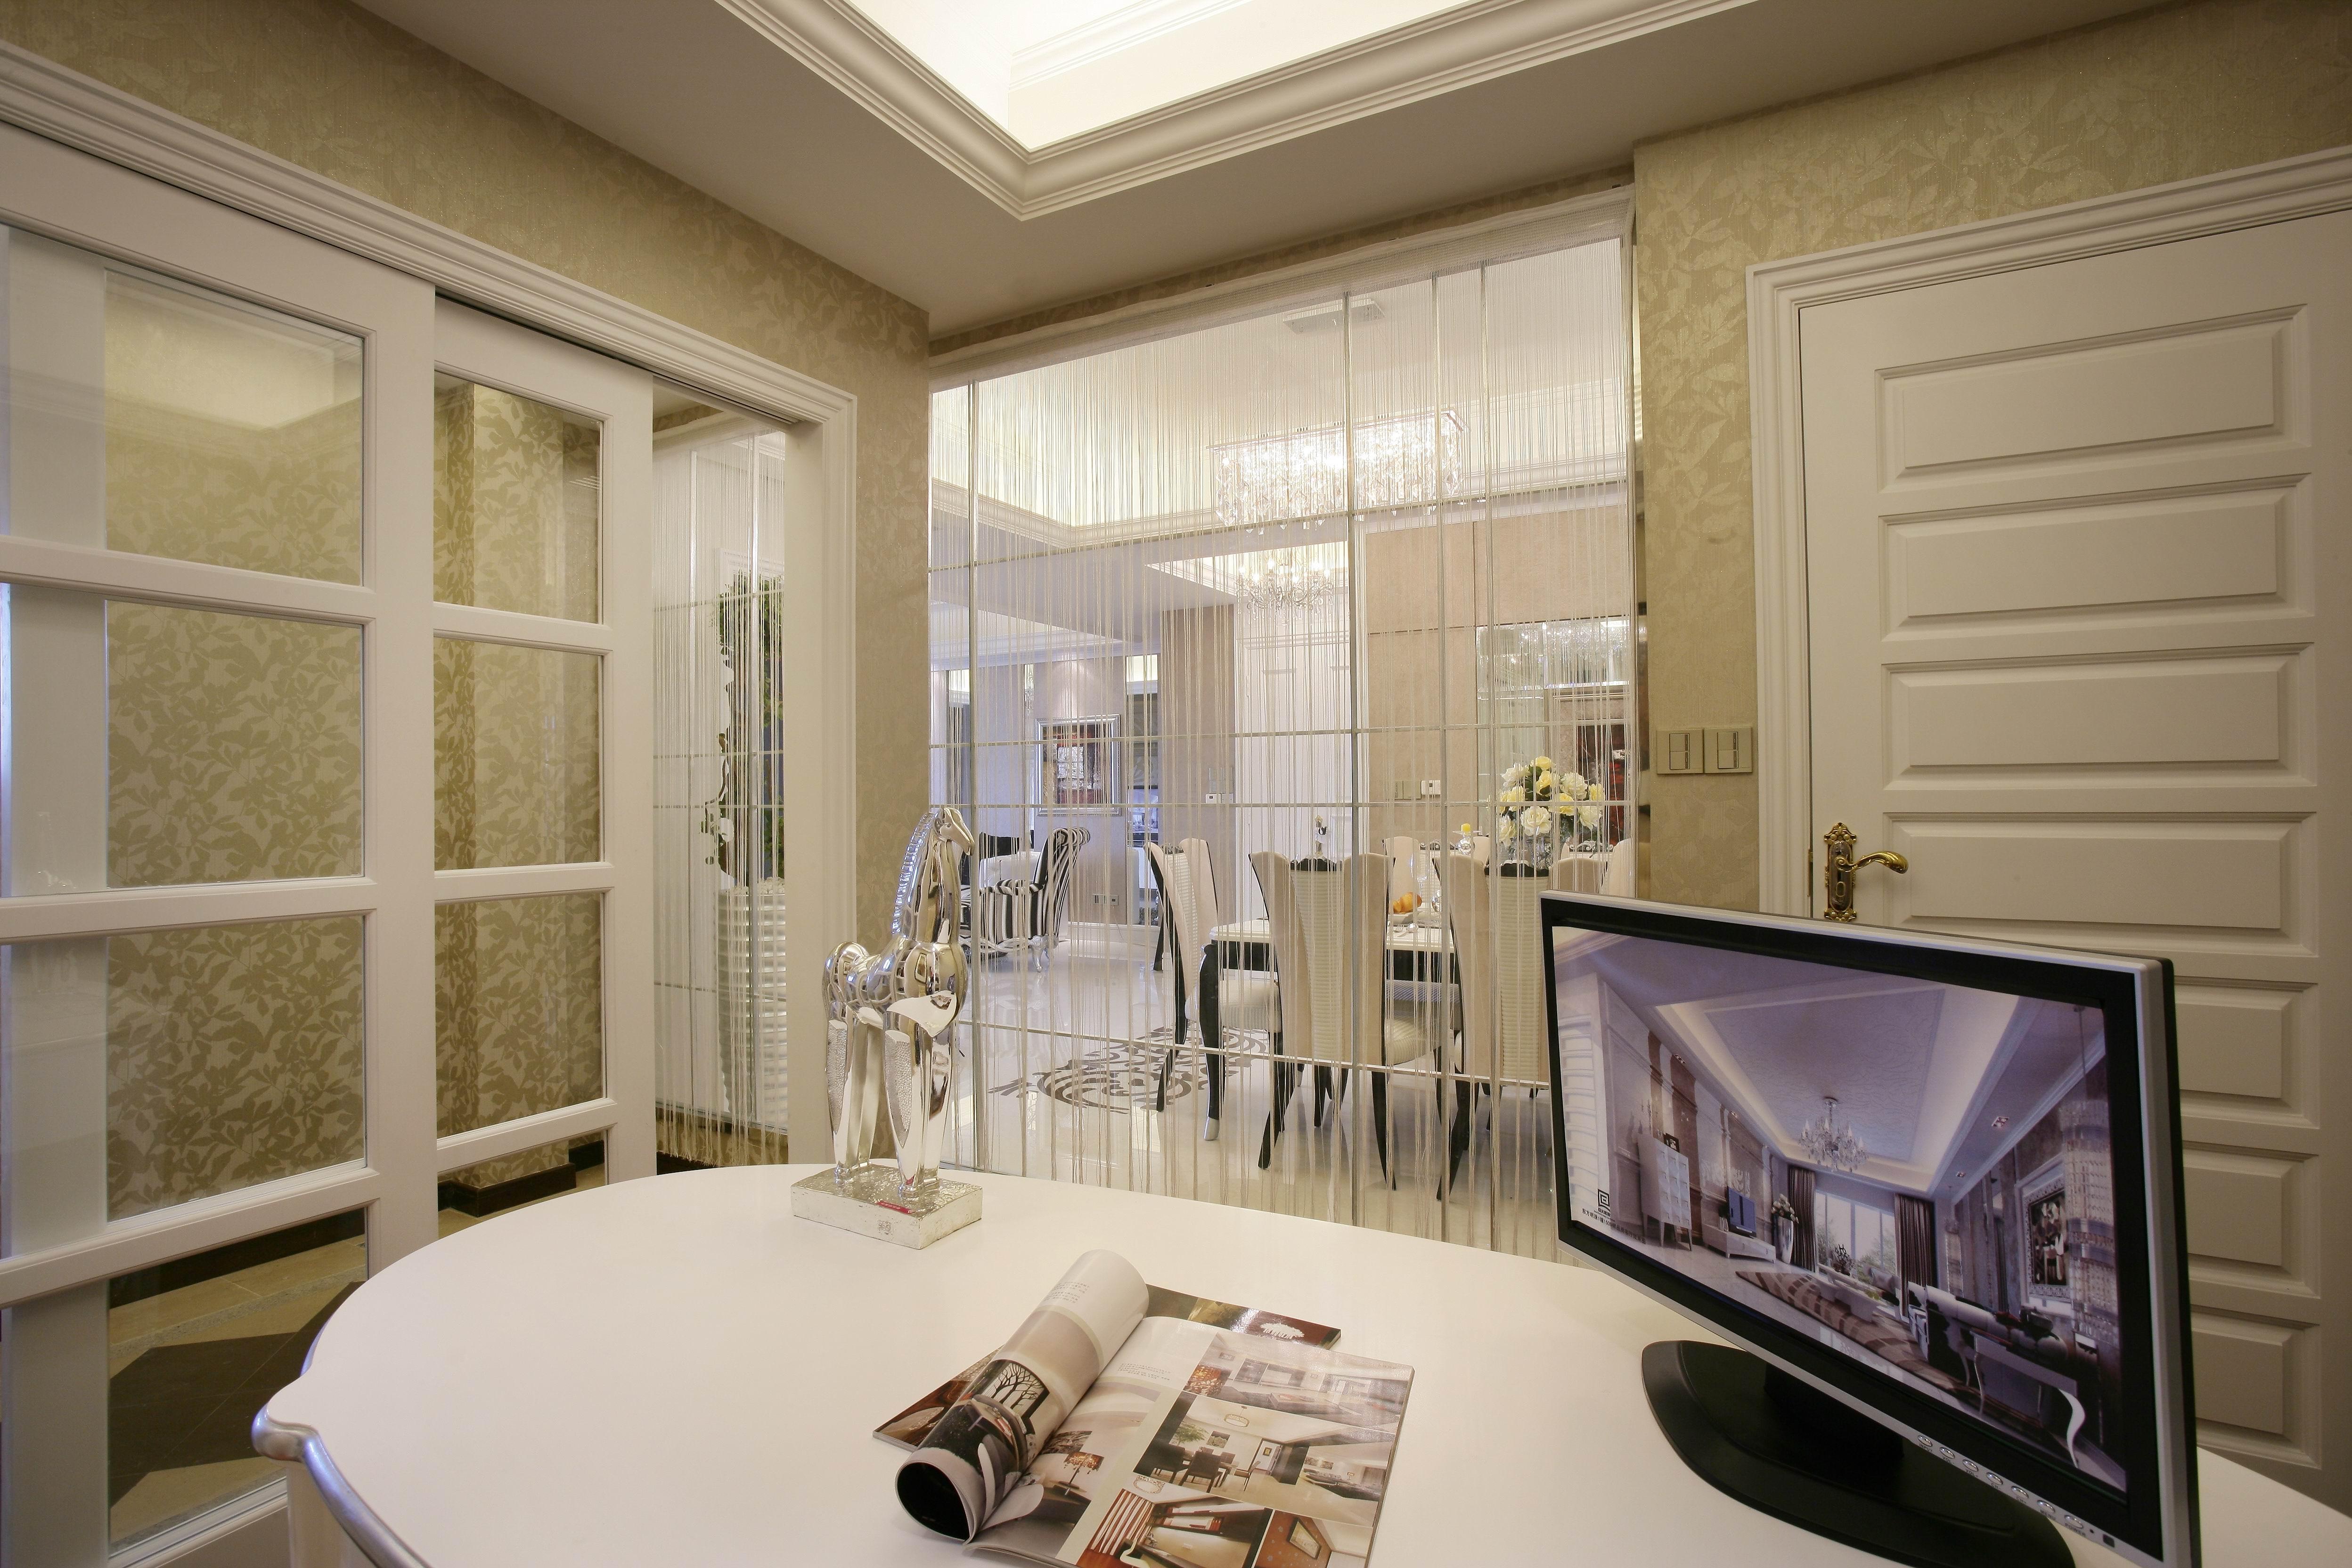 上海红缇半岛简欧风格装修案例赏析---尚层上海别墅